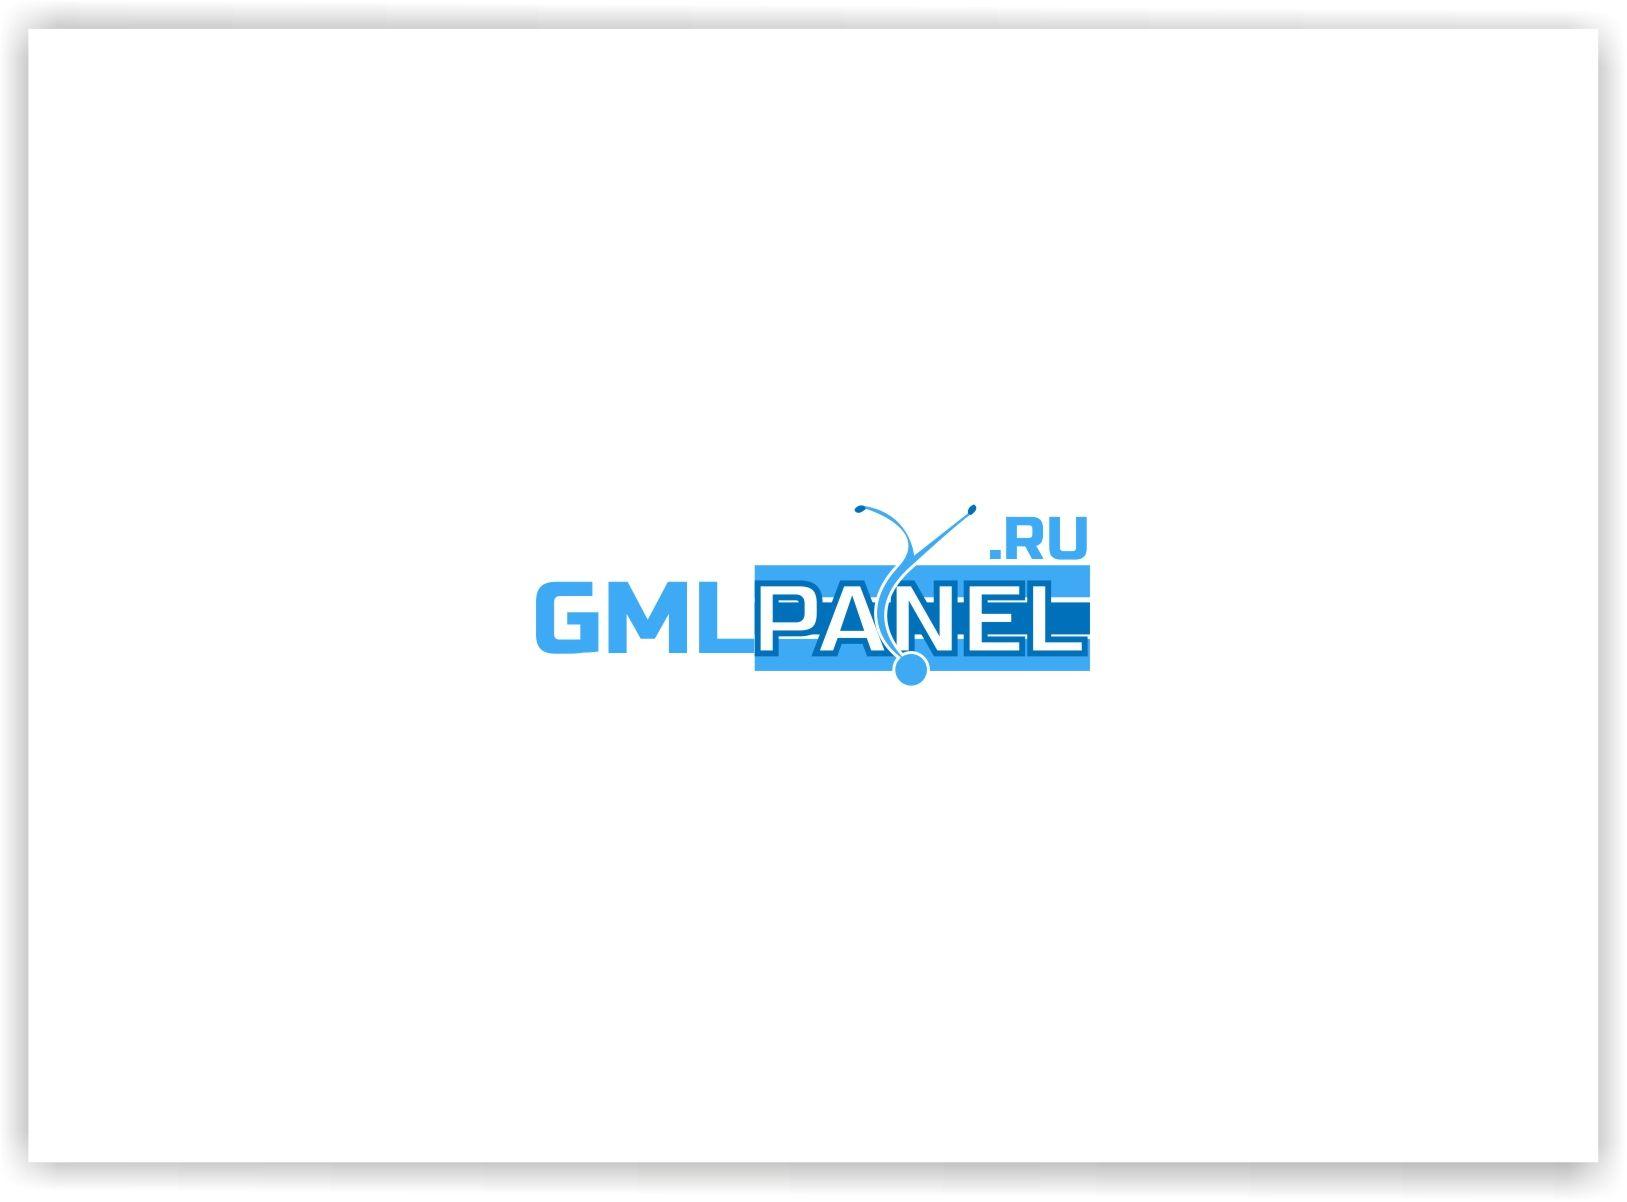 Логотип для сайта GMLPANEL.RU - дизайнер malito